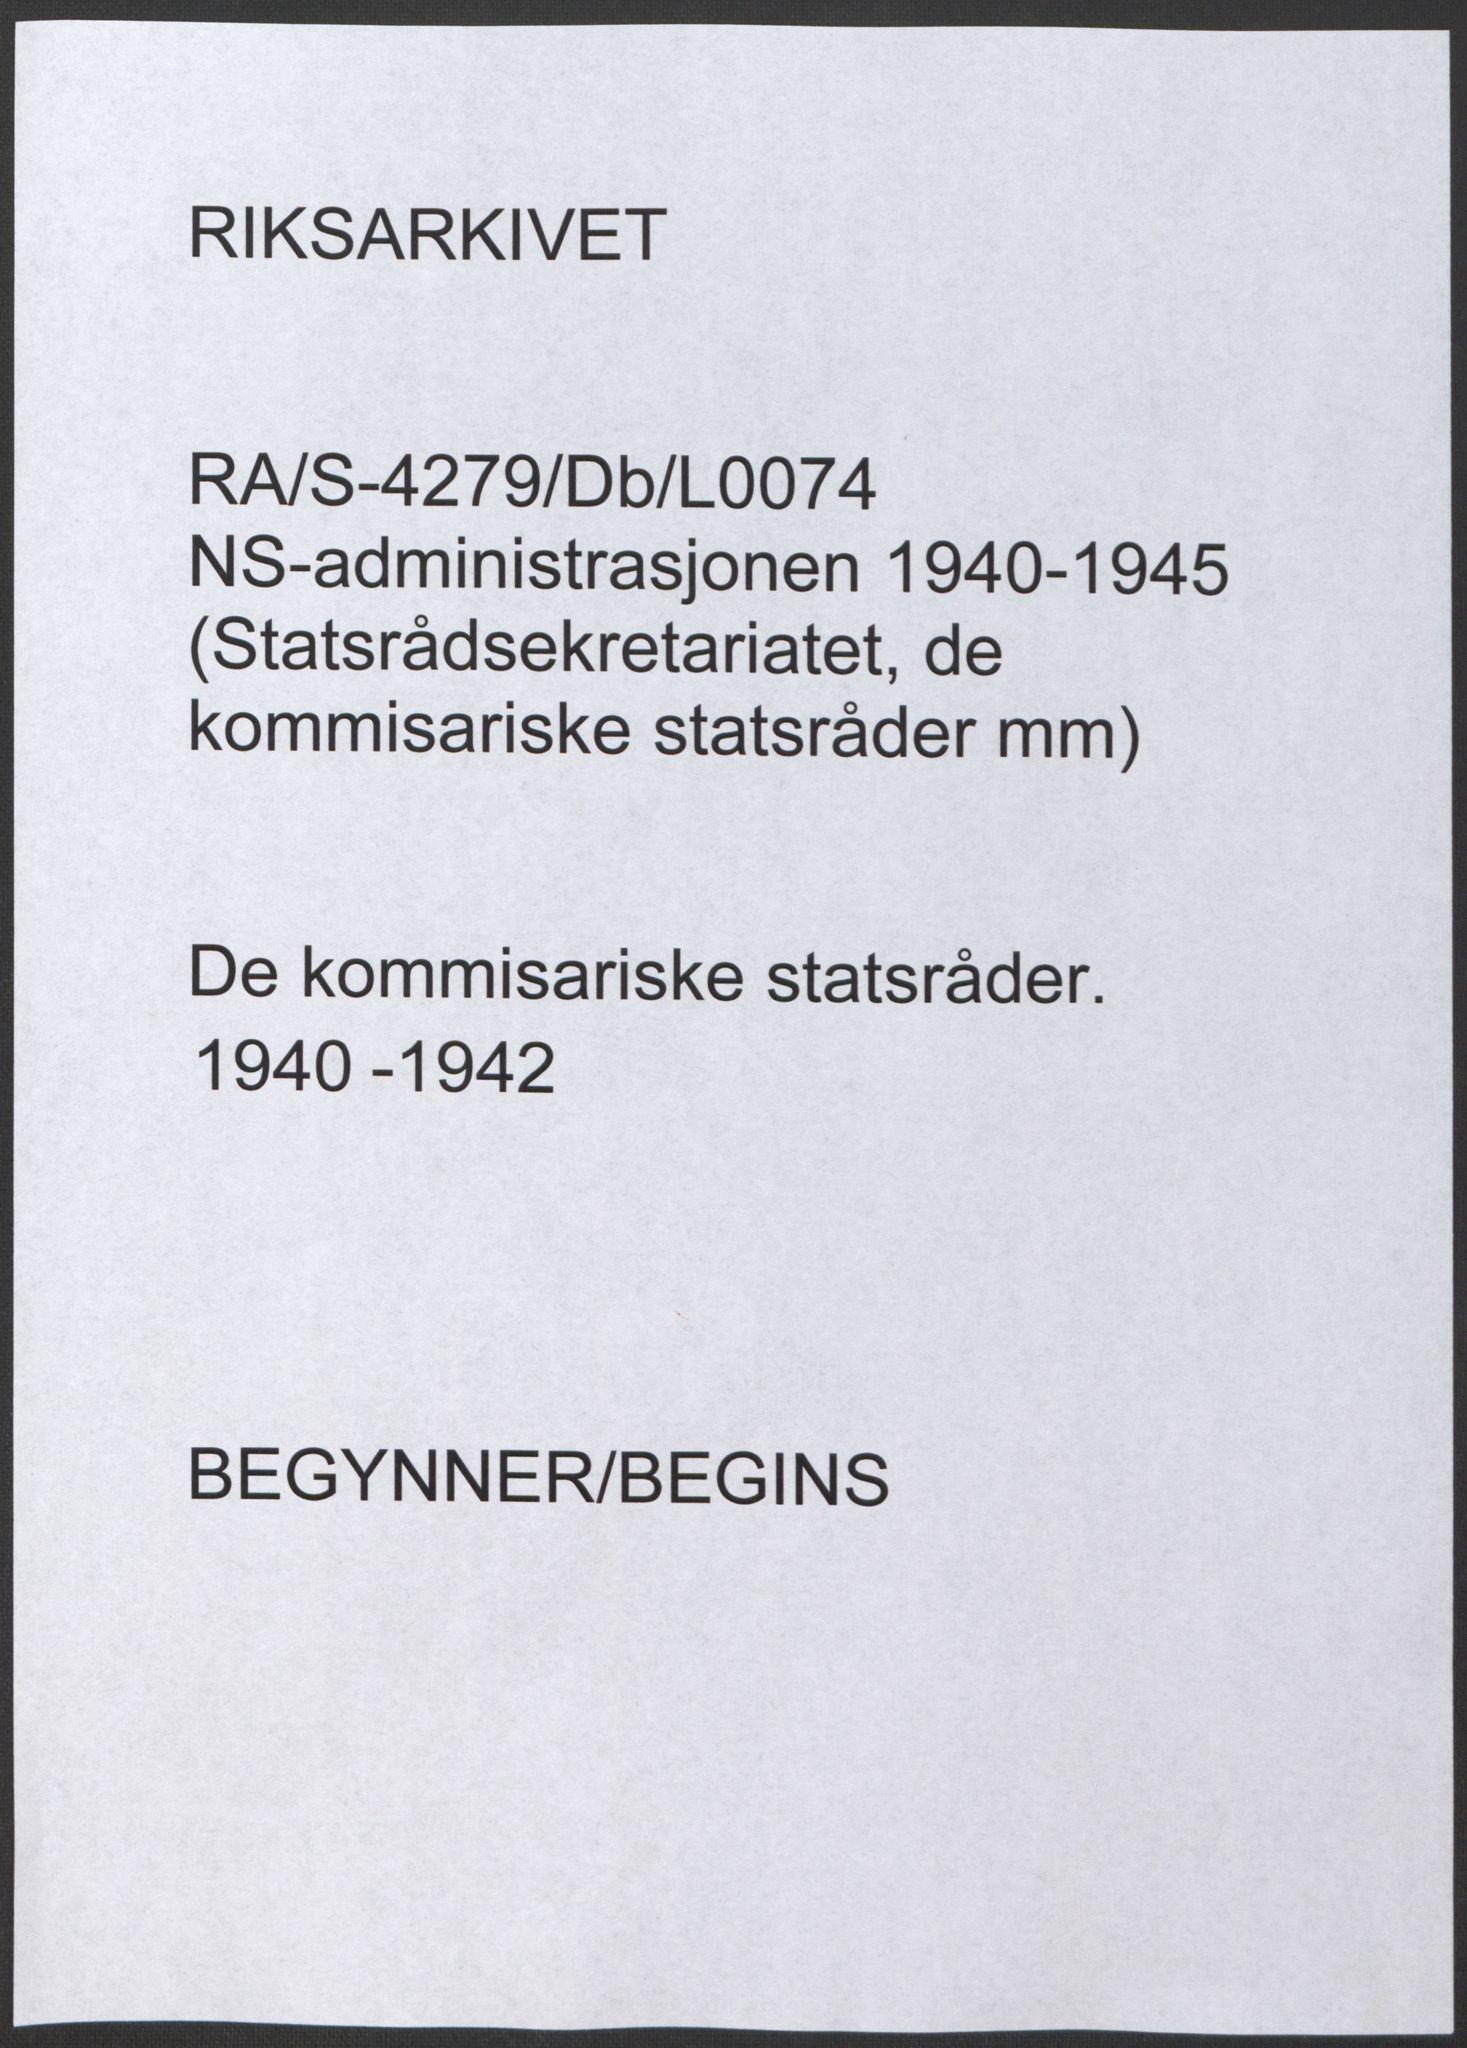 RA, NS-administrasjonen 1940-1945 (Statsrådsekretariatet, de kommisariske statsråder mm), D/Db/L0074: De kommisariske statsråder, 1940-1942, s. upaginert